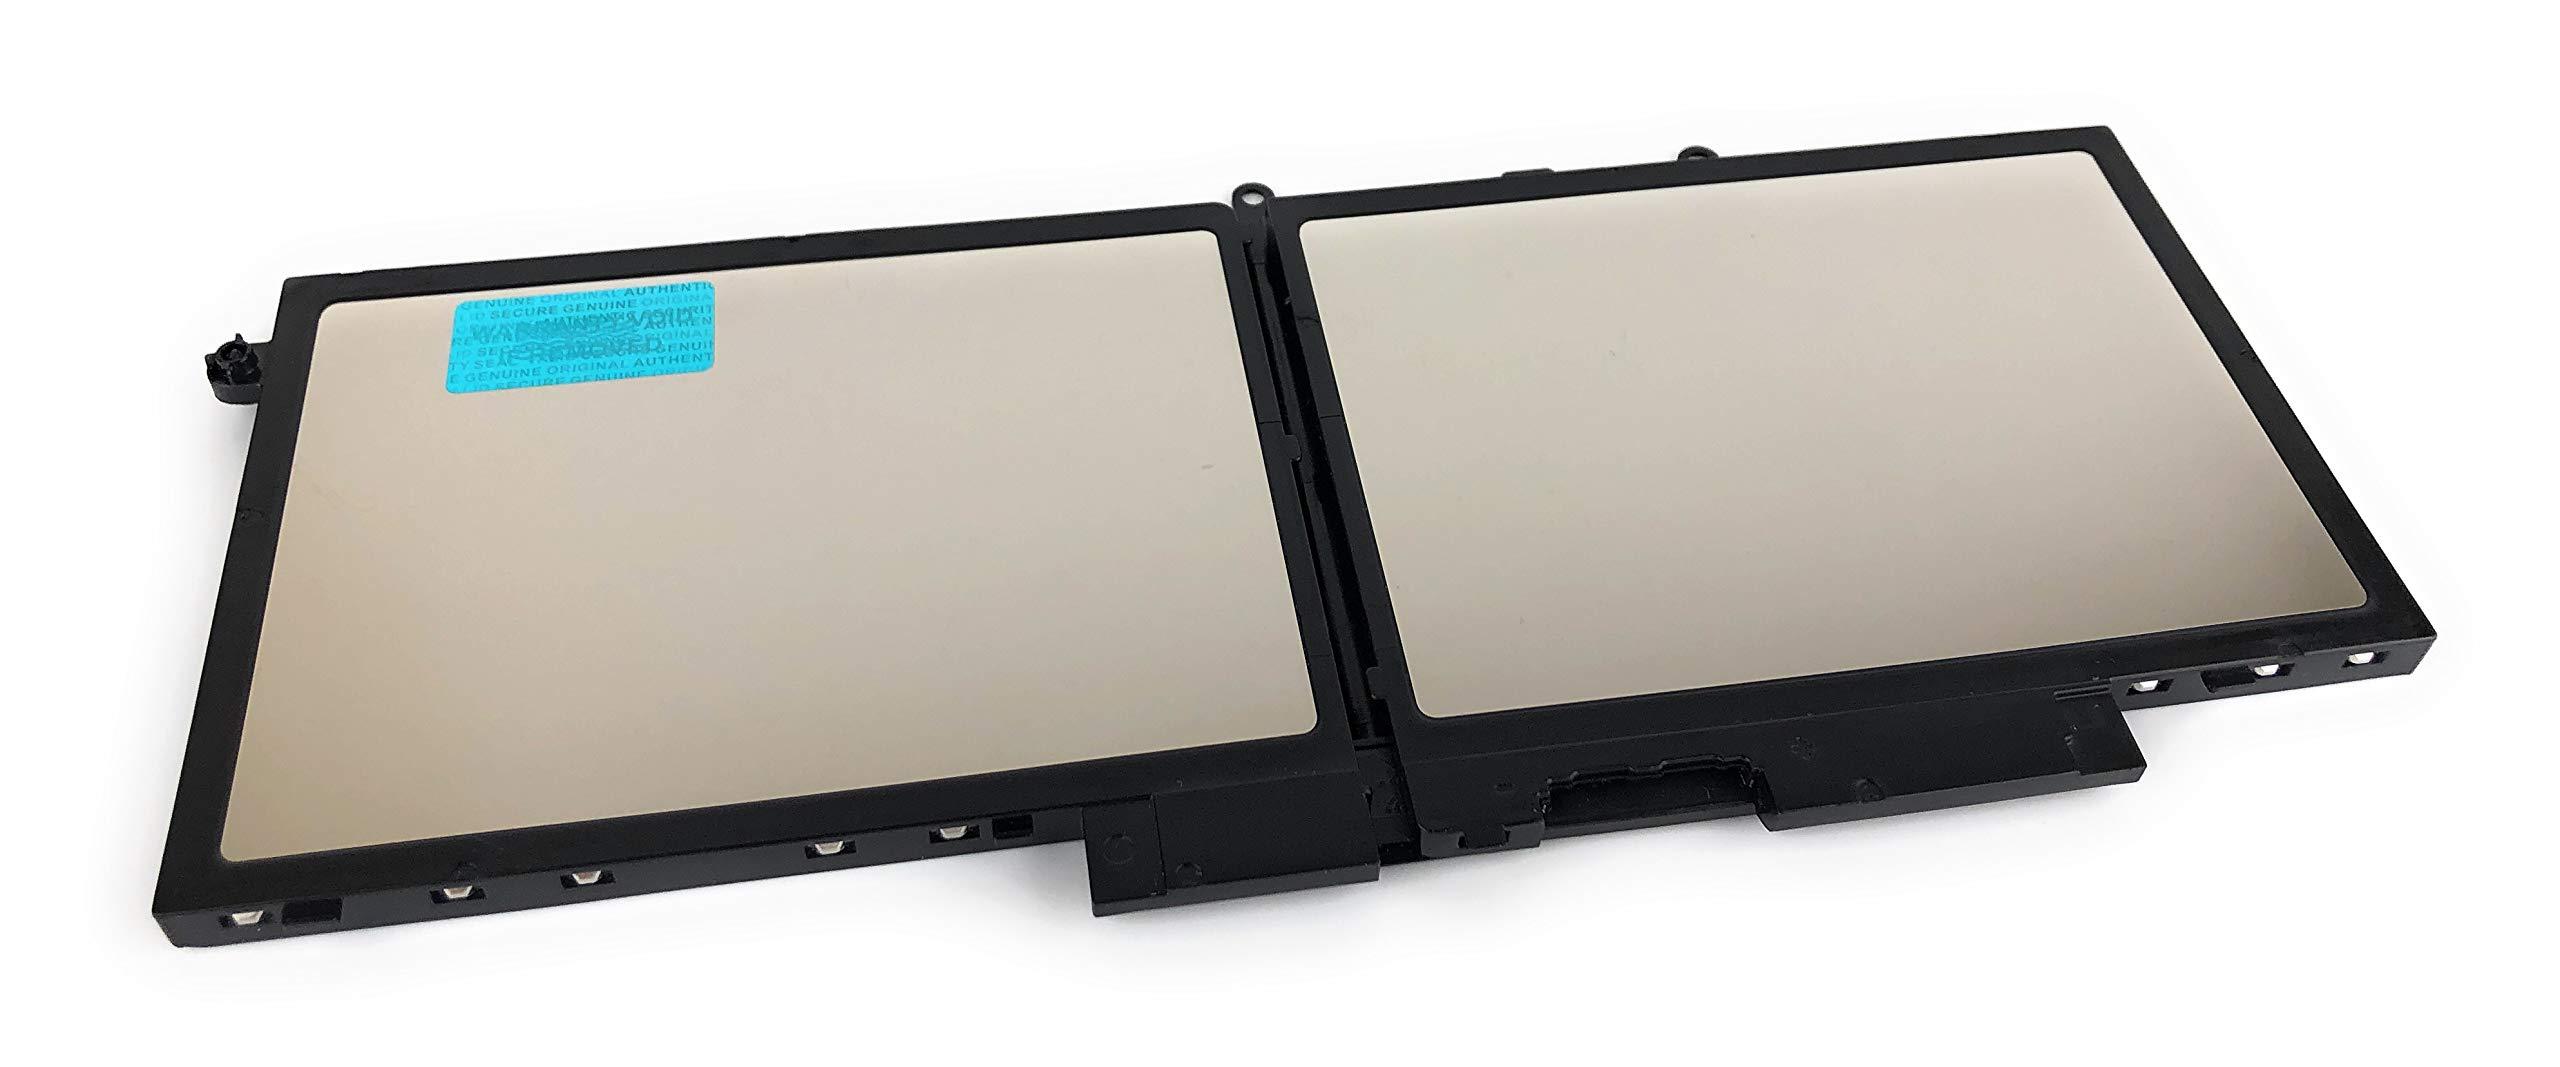 Genuine Dell Latitude 5480 E5580 5490 E5590 and Precision 3520 Notebook Battery 7.6 V 68wh GJKNX-1 by Dell (Image #2)